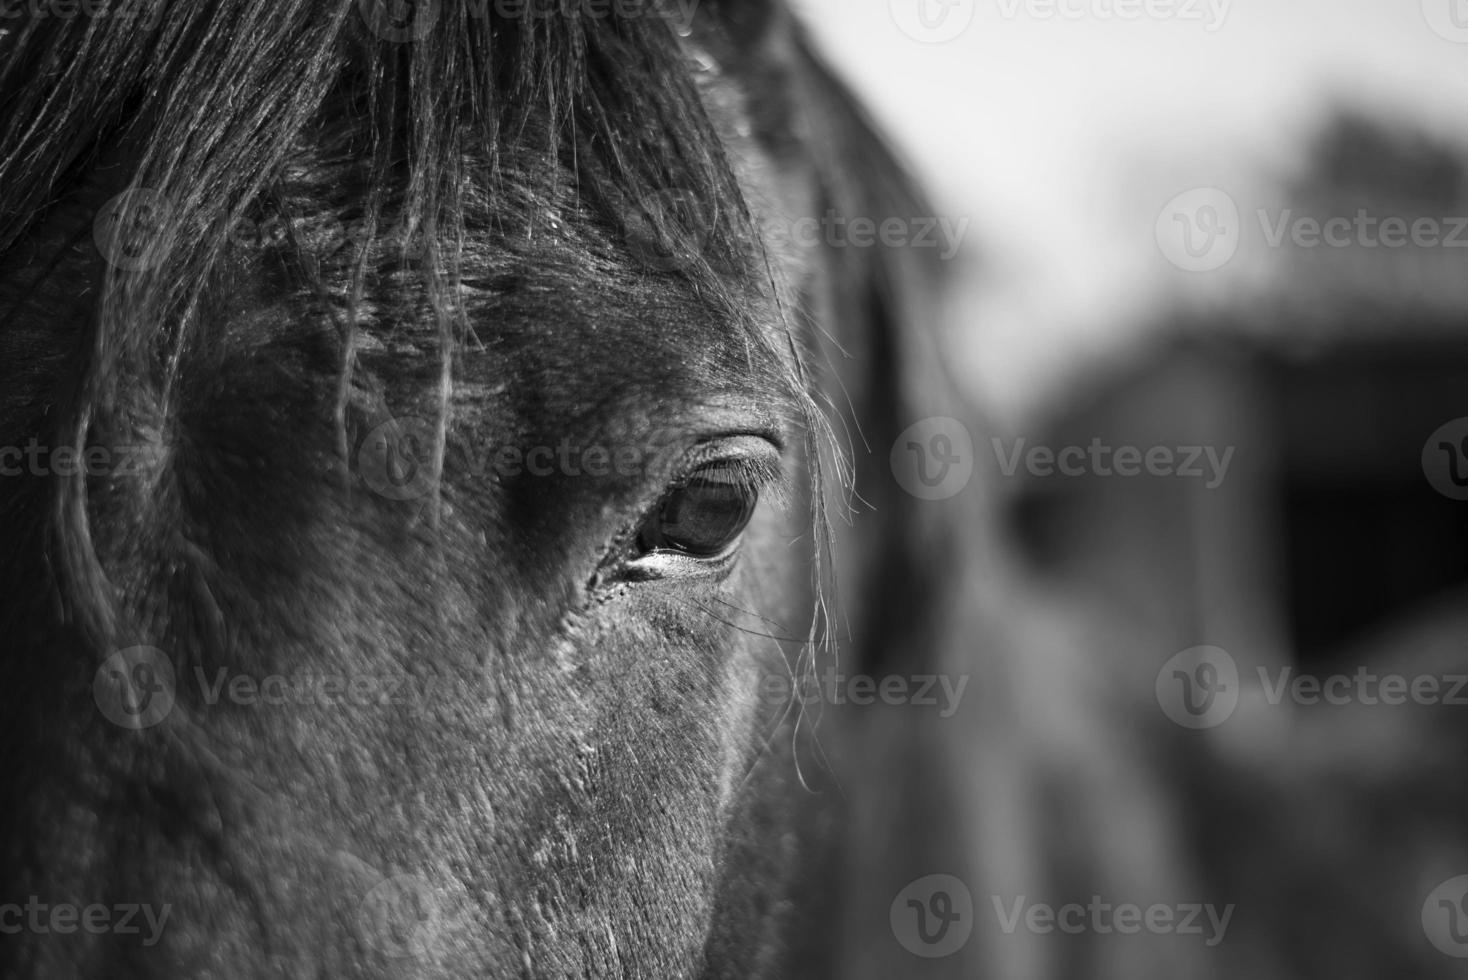 paard oog close-up foto